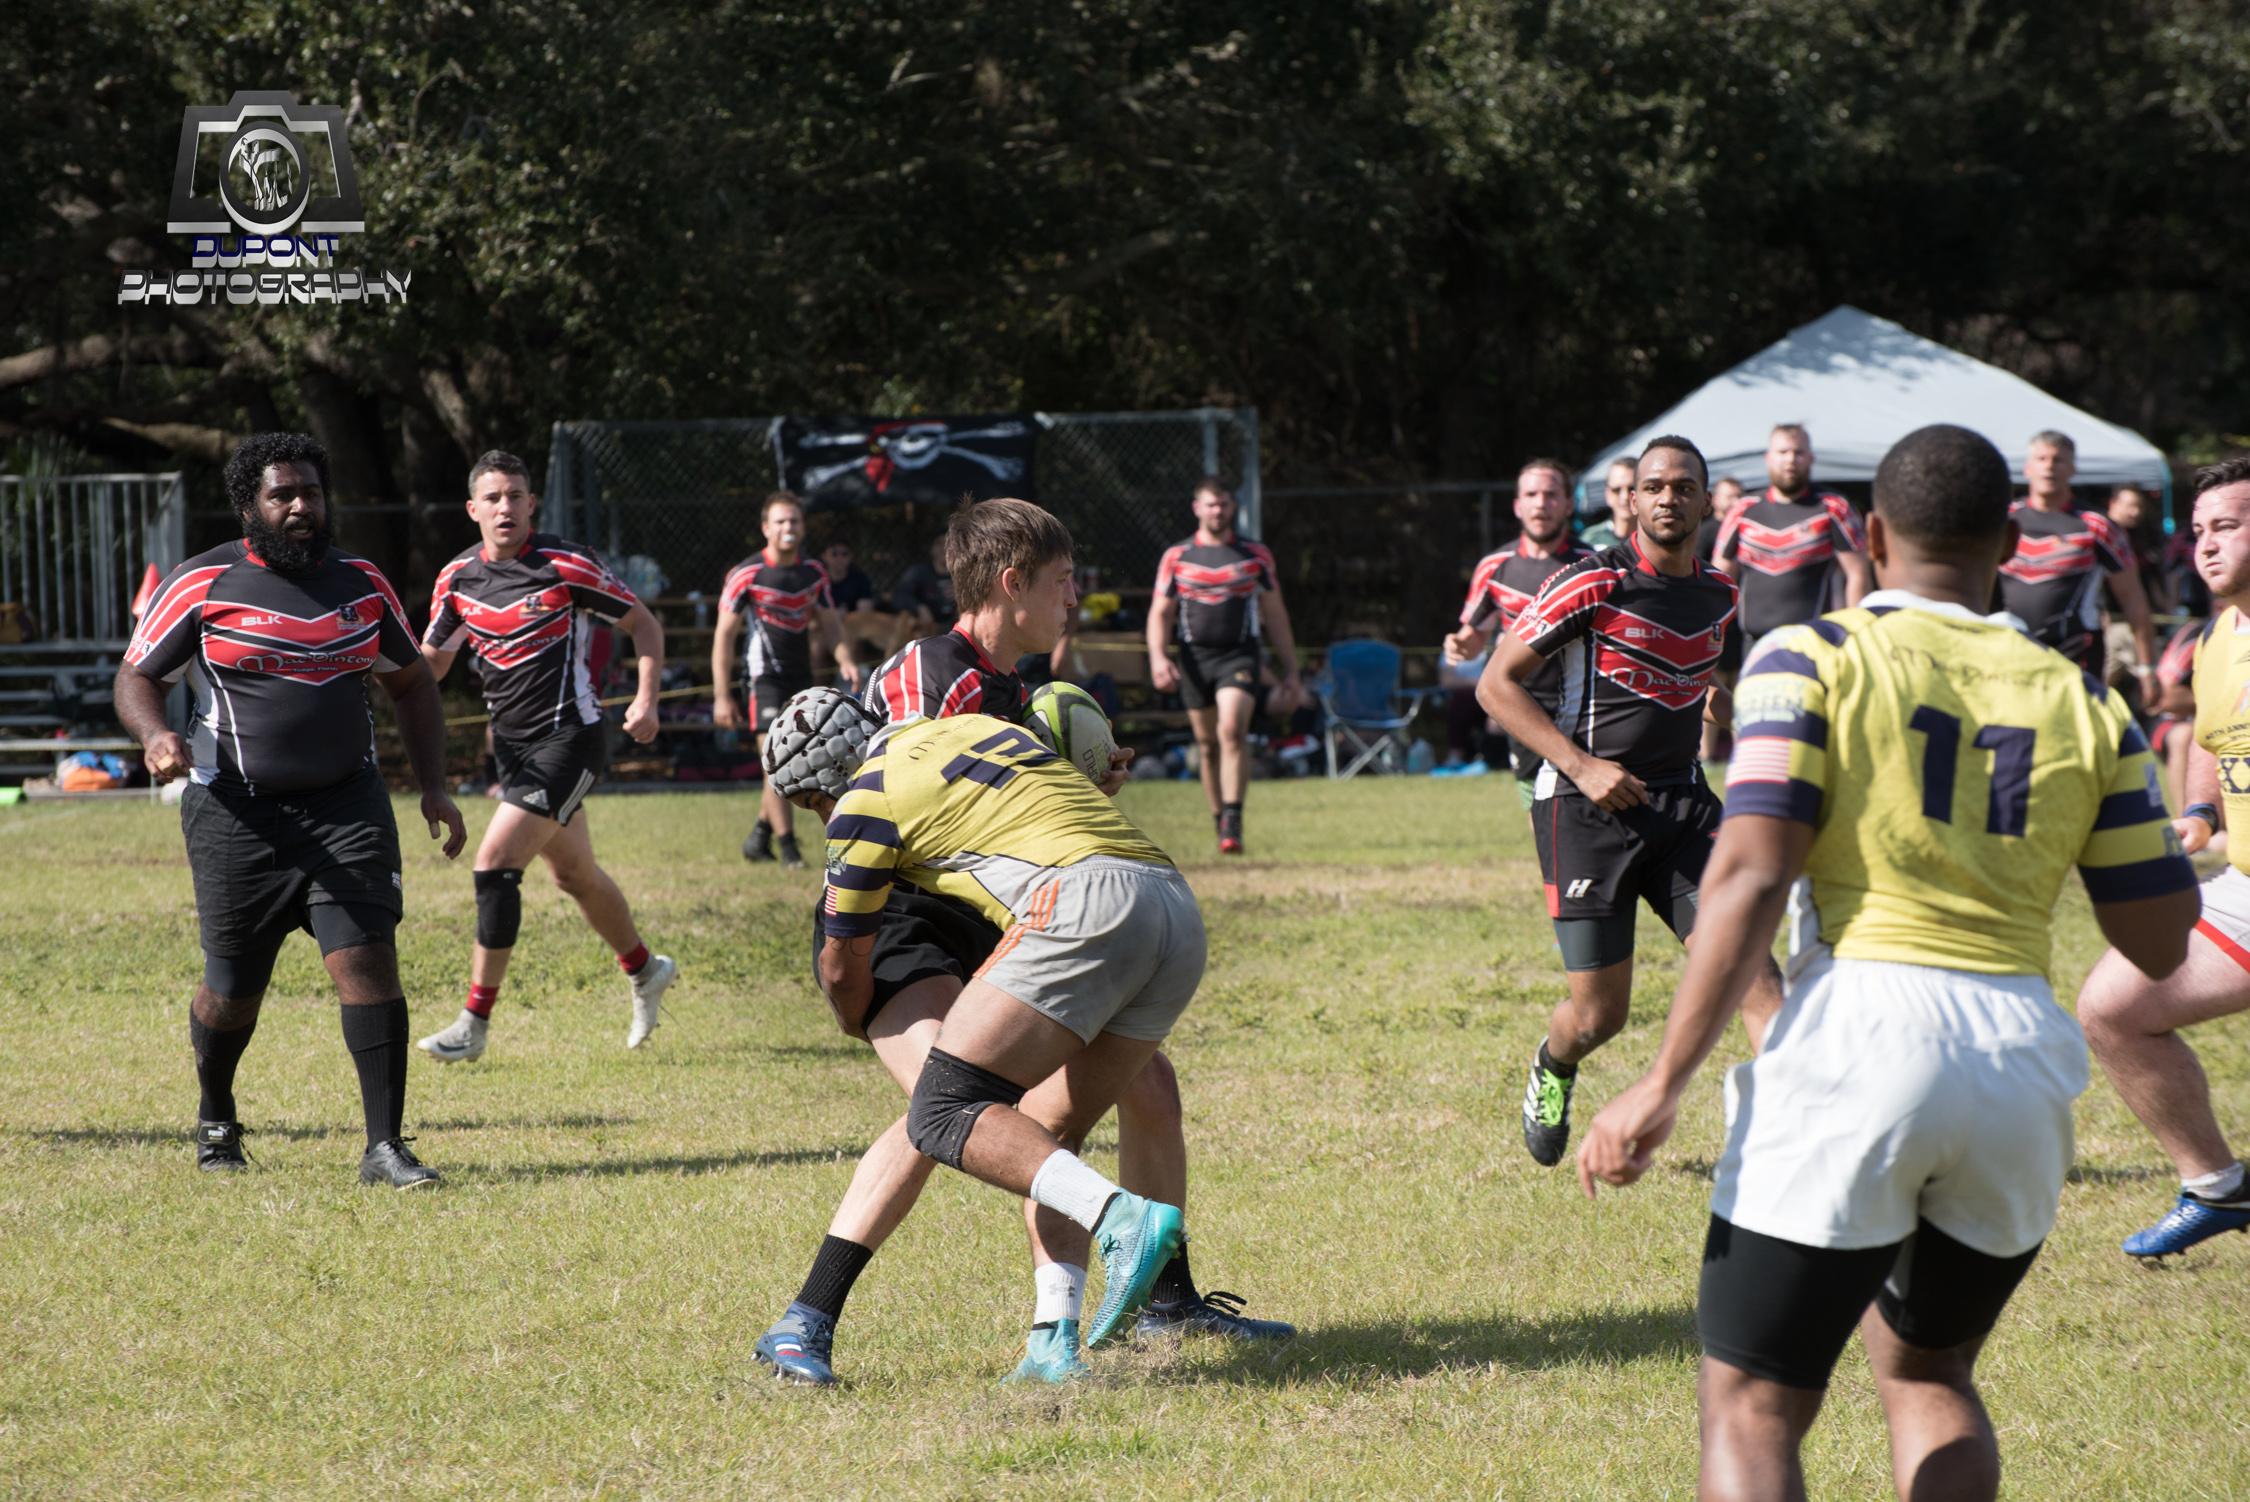 2019-01-19 Rugby-184-3.jpg